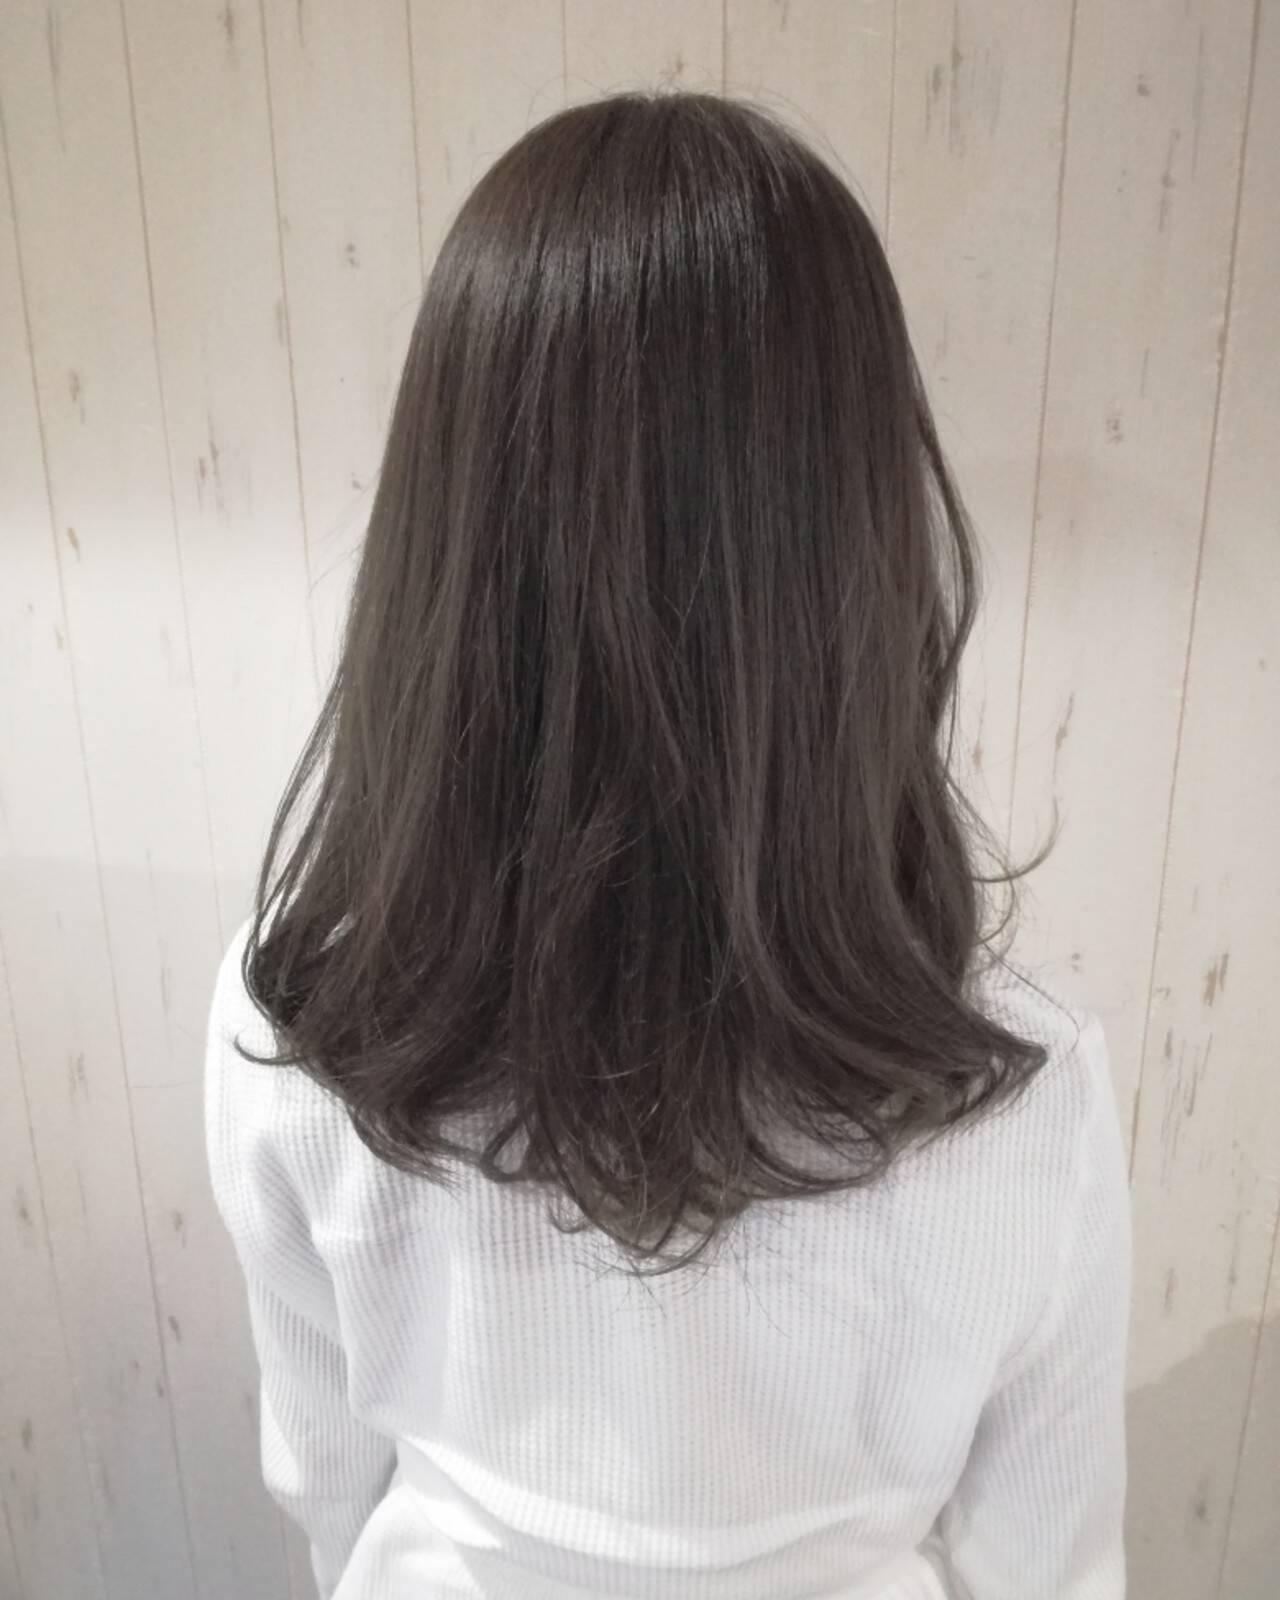 セミロング 暗髪 ナチュラル アッシュグレーヘアスタイルや髪型の写真・画像